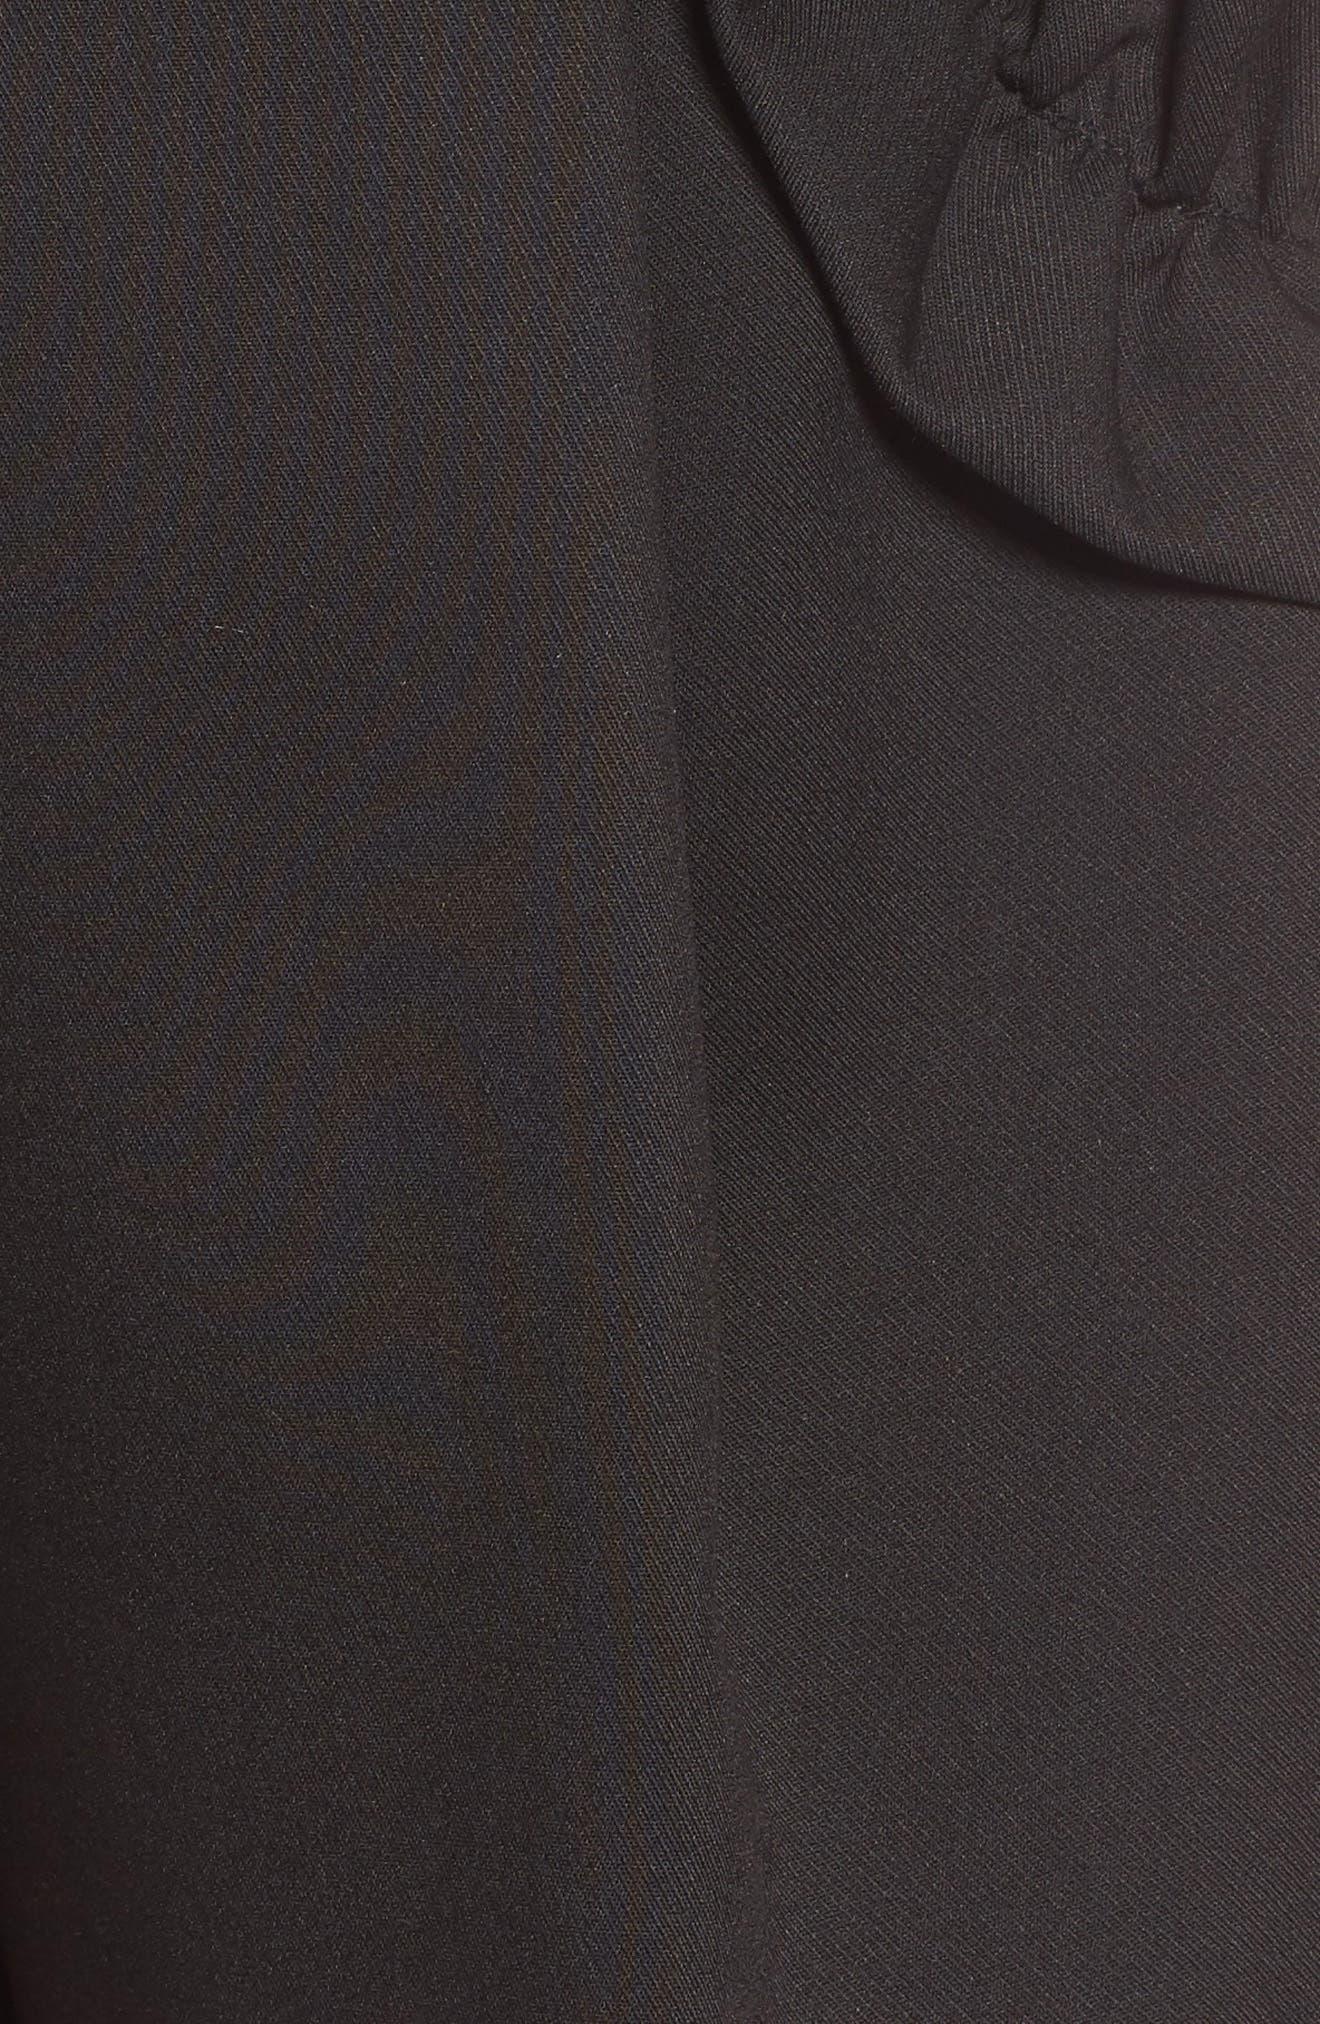 Harmony Shorts,                             Alternate thumbnail 5, color,                             Black